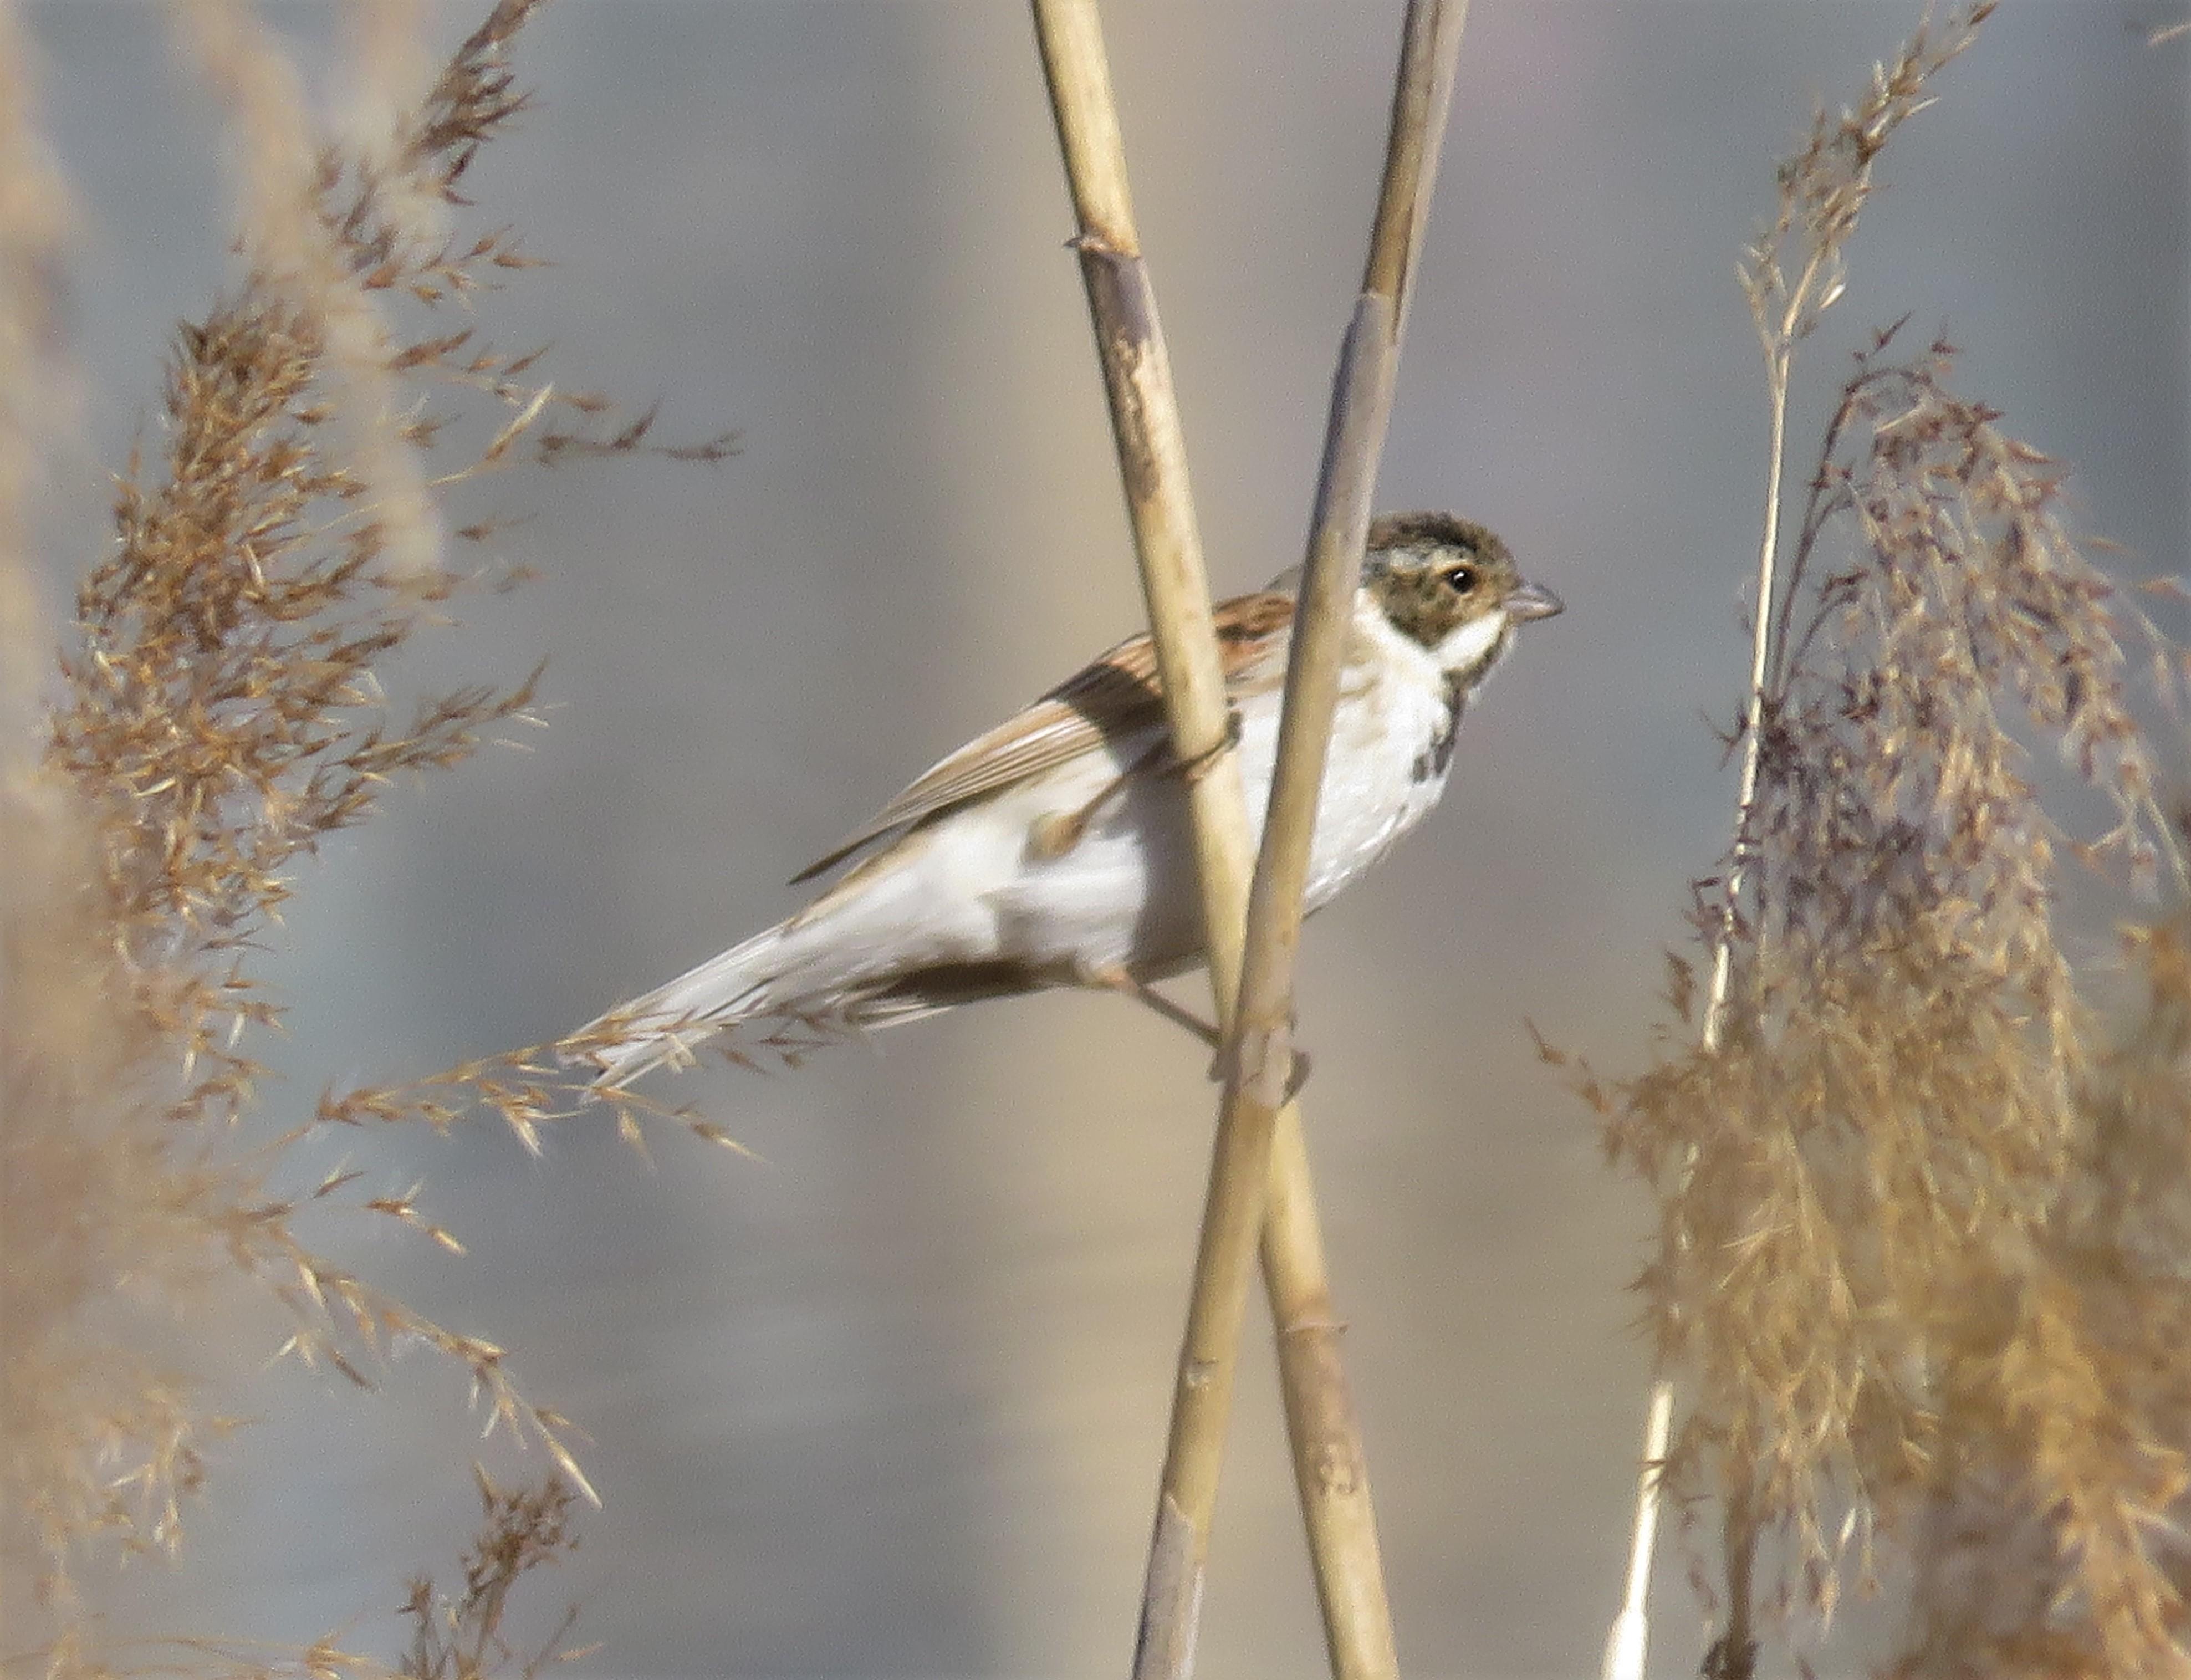 冬羽から夏羽へ換羽中オオジュリン